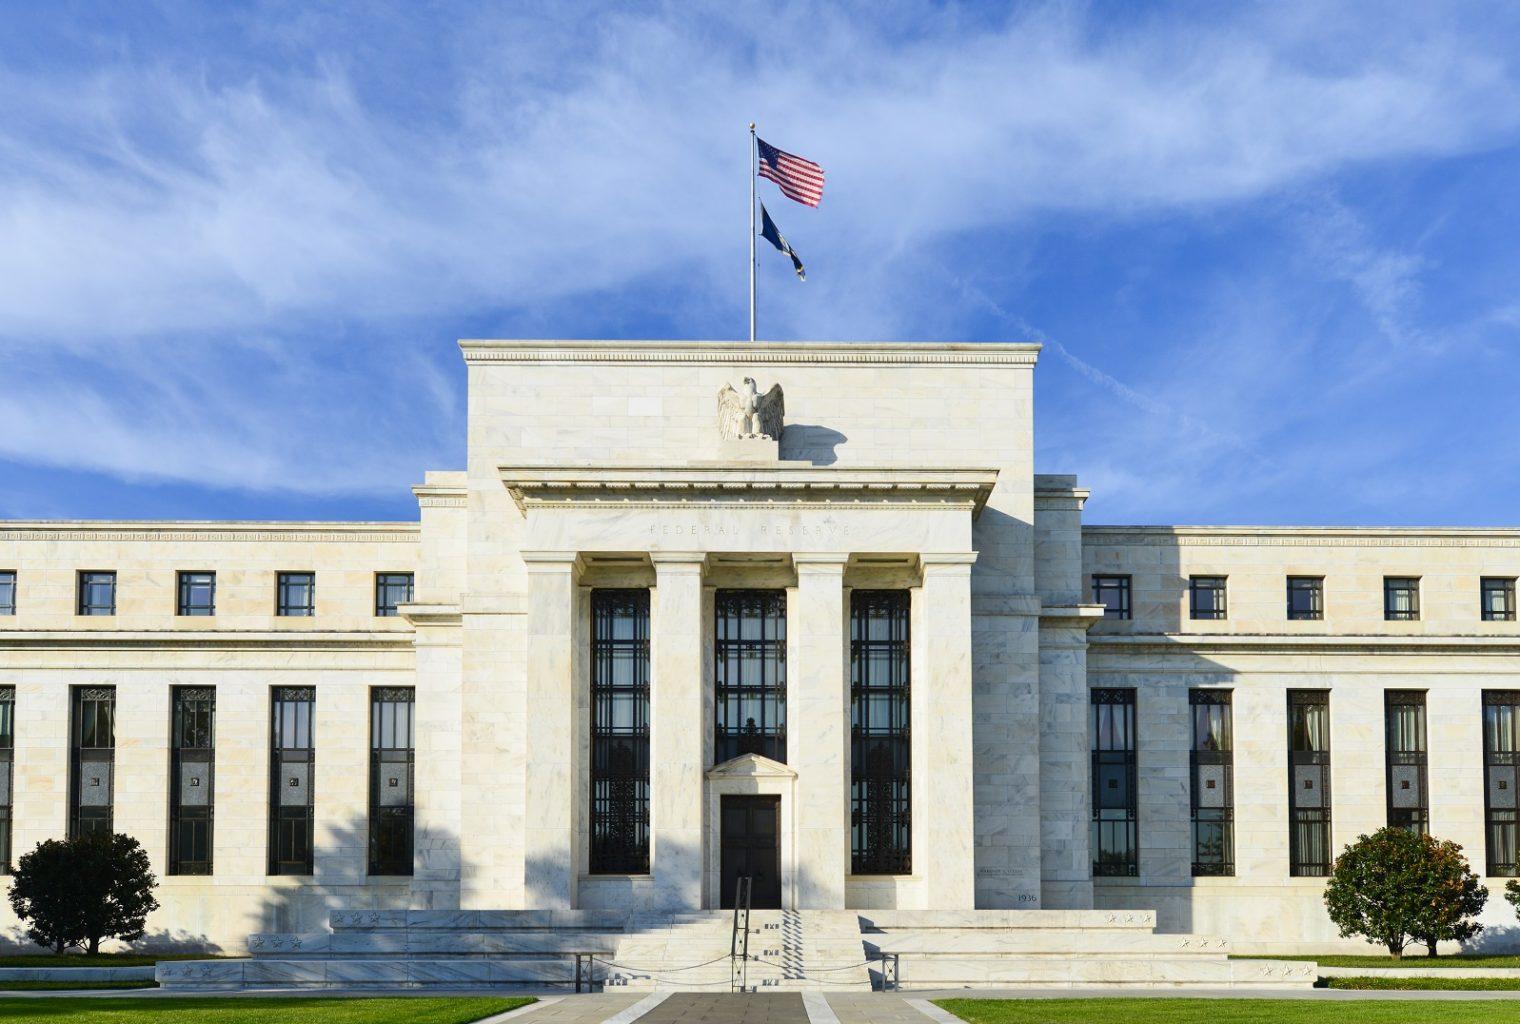 Nueva contratación para encabezar la investigación de moneda digital en la Reserva Federal de EE. UU.